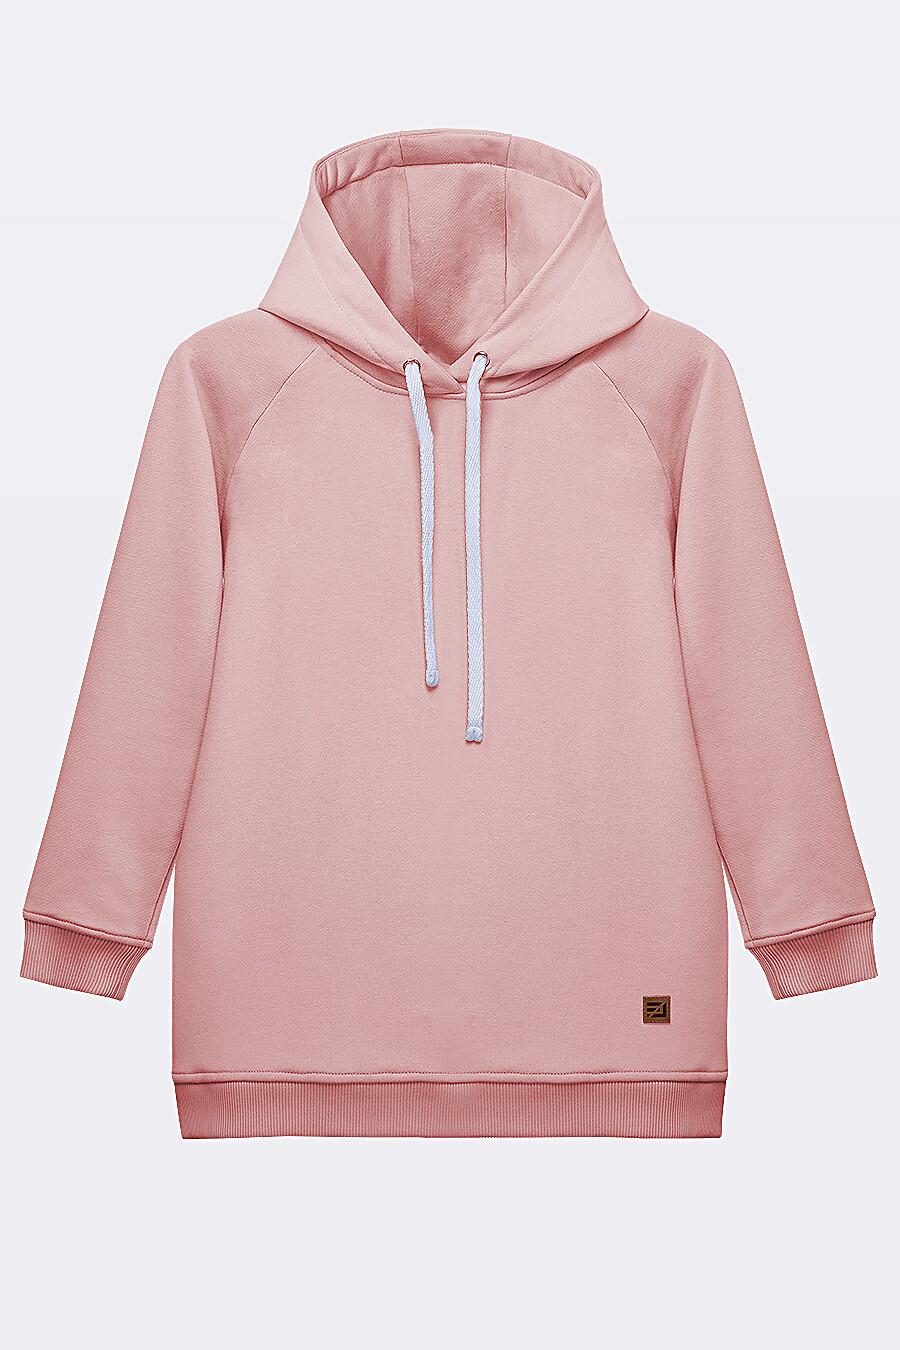 Костюм(Худи+Брюки) для девочек EZANNA 682727 купить оптом от производителя. Совместная покупка детской одежды в OptMoyo